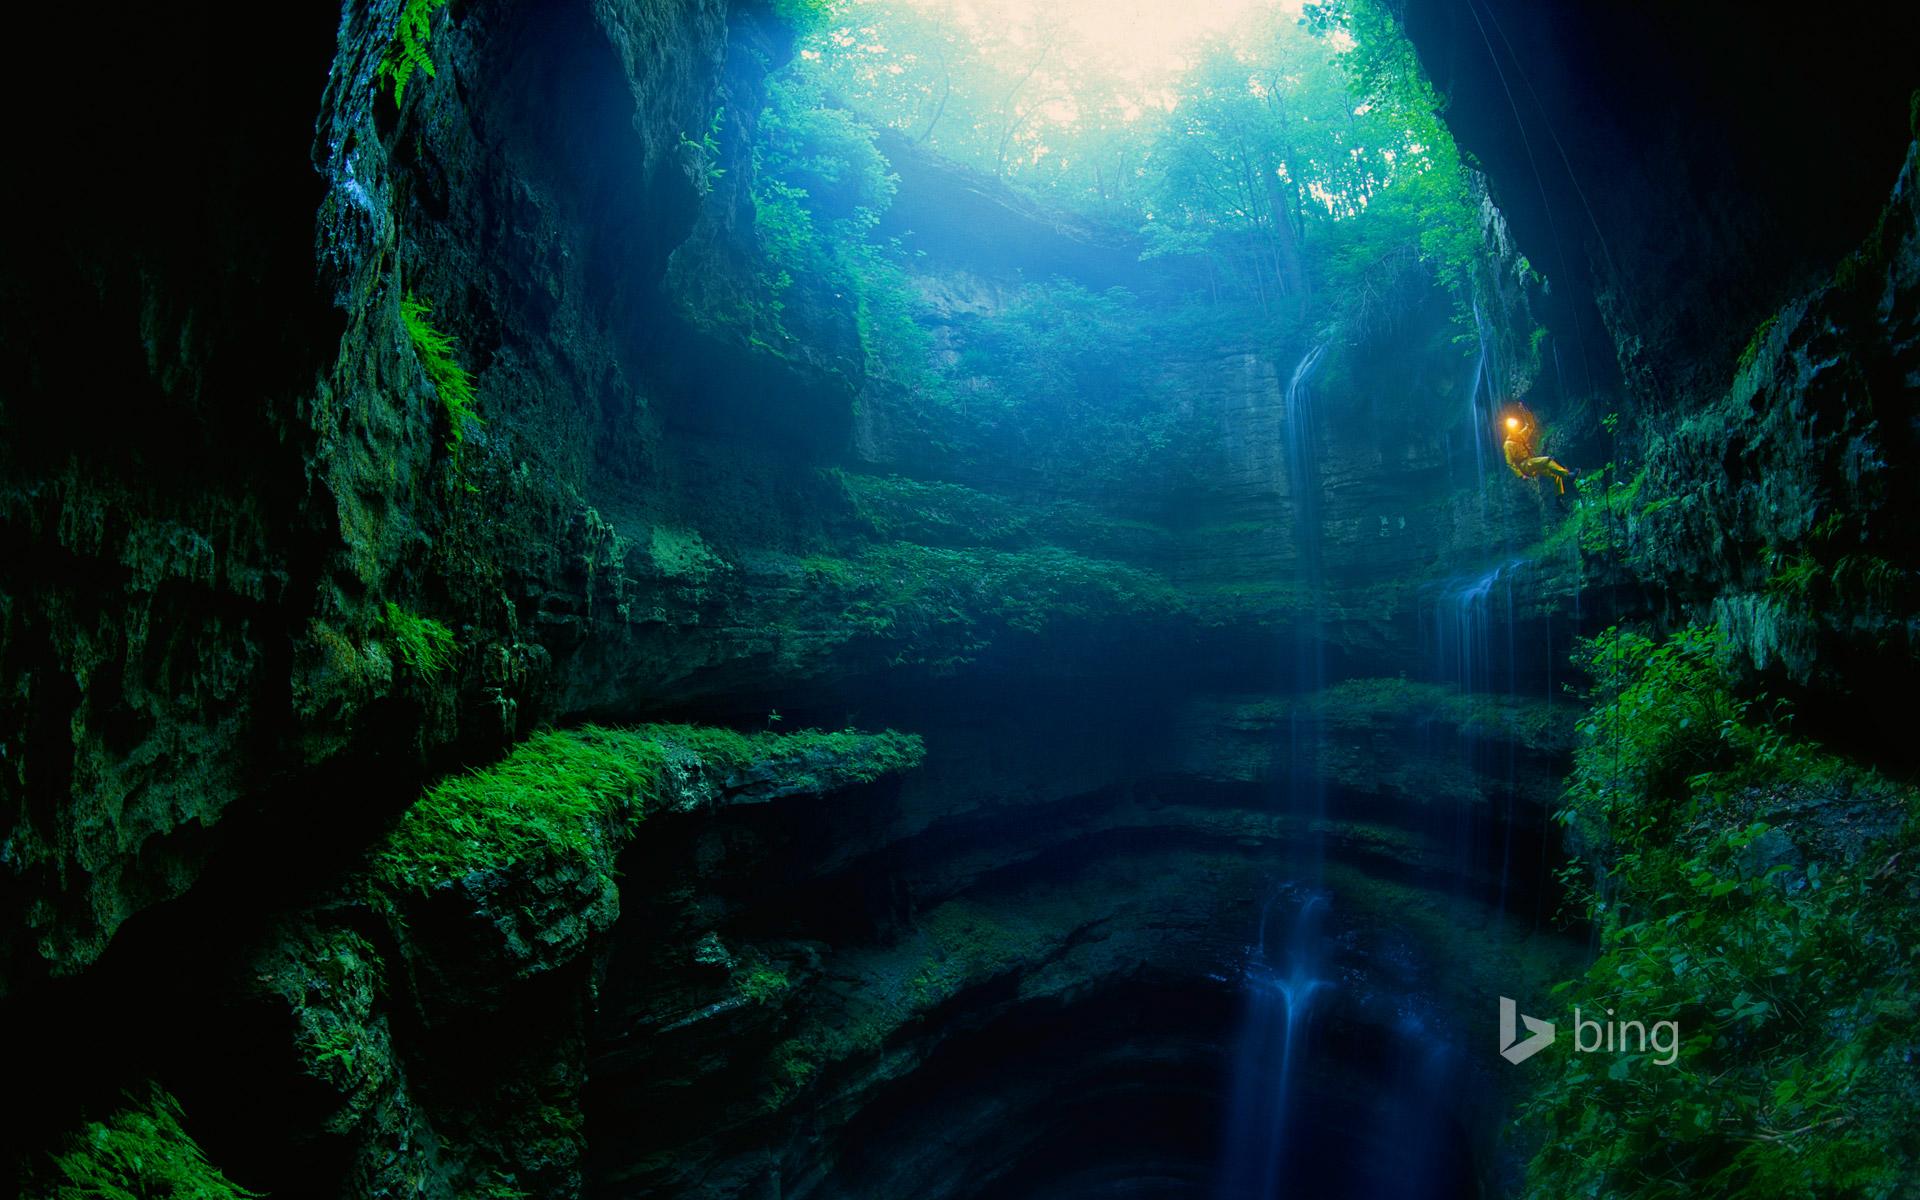 Hình nền Bing hang động kì bí